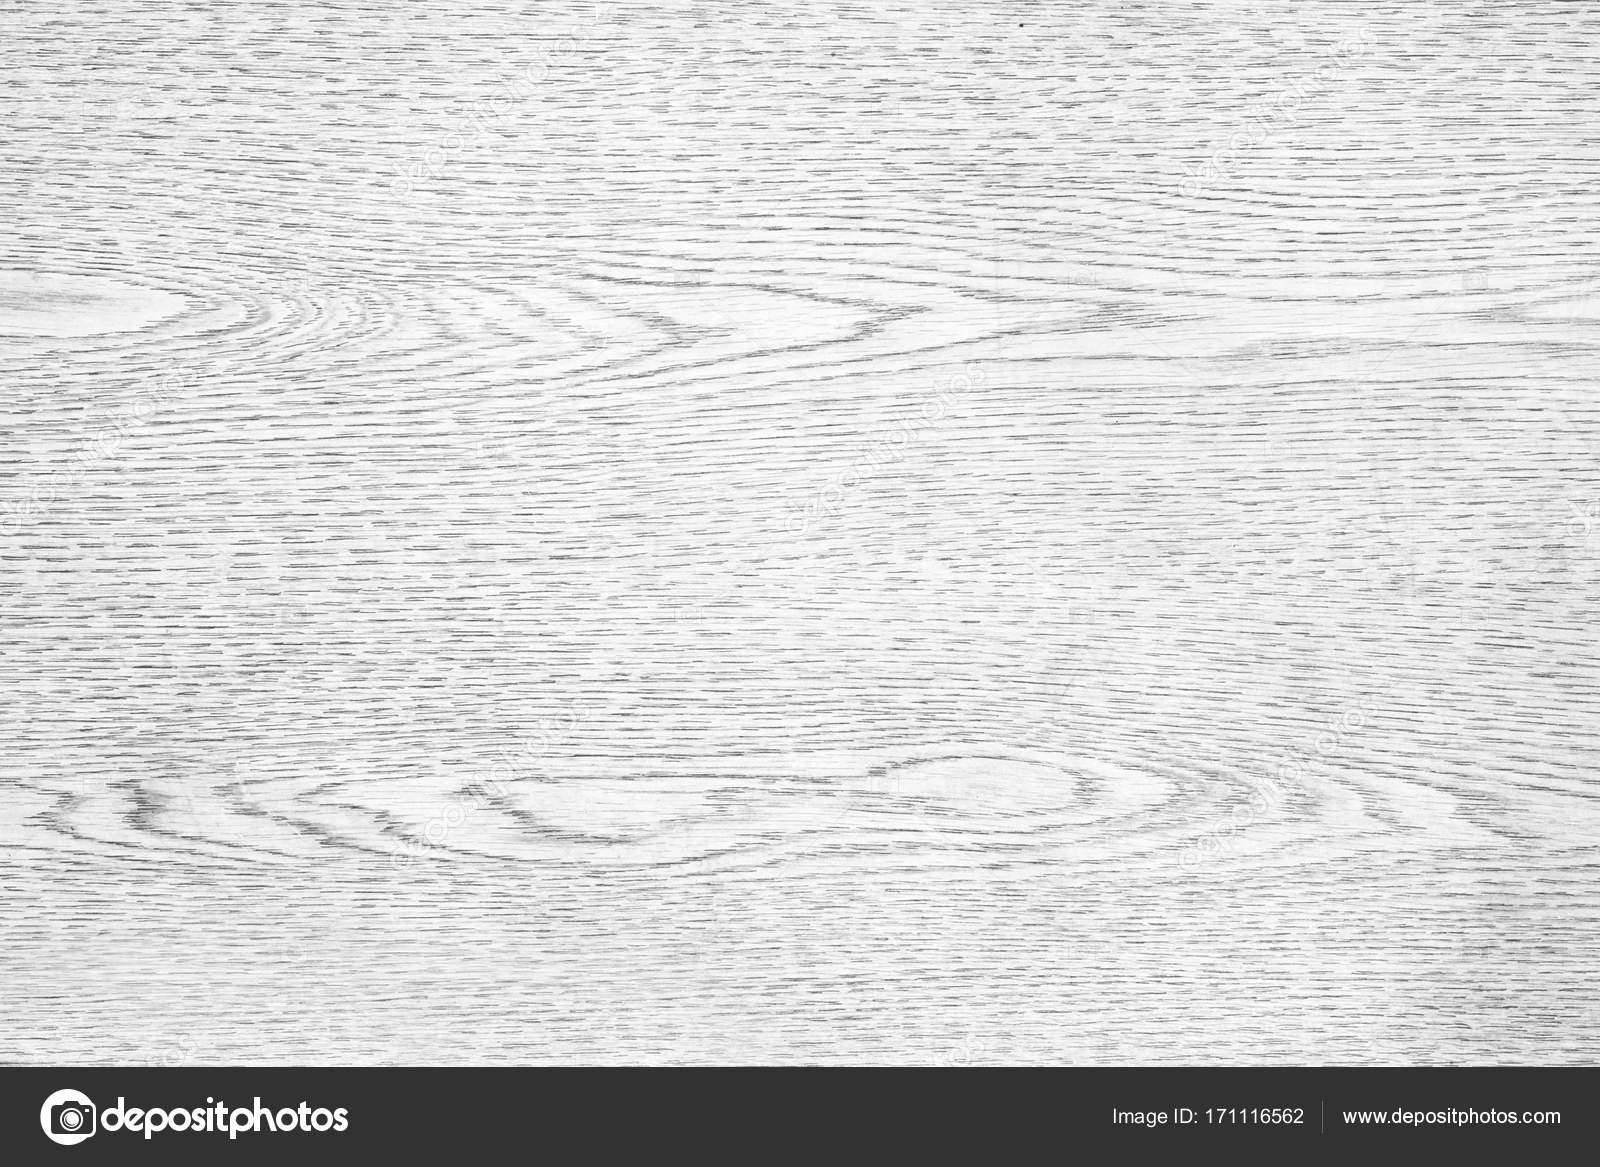 Legno Naturale Bianco : Background e texture di legno naturale bianco della parete u foto